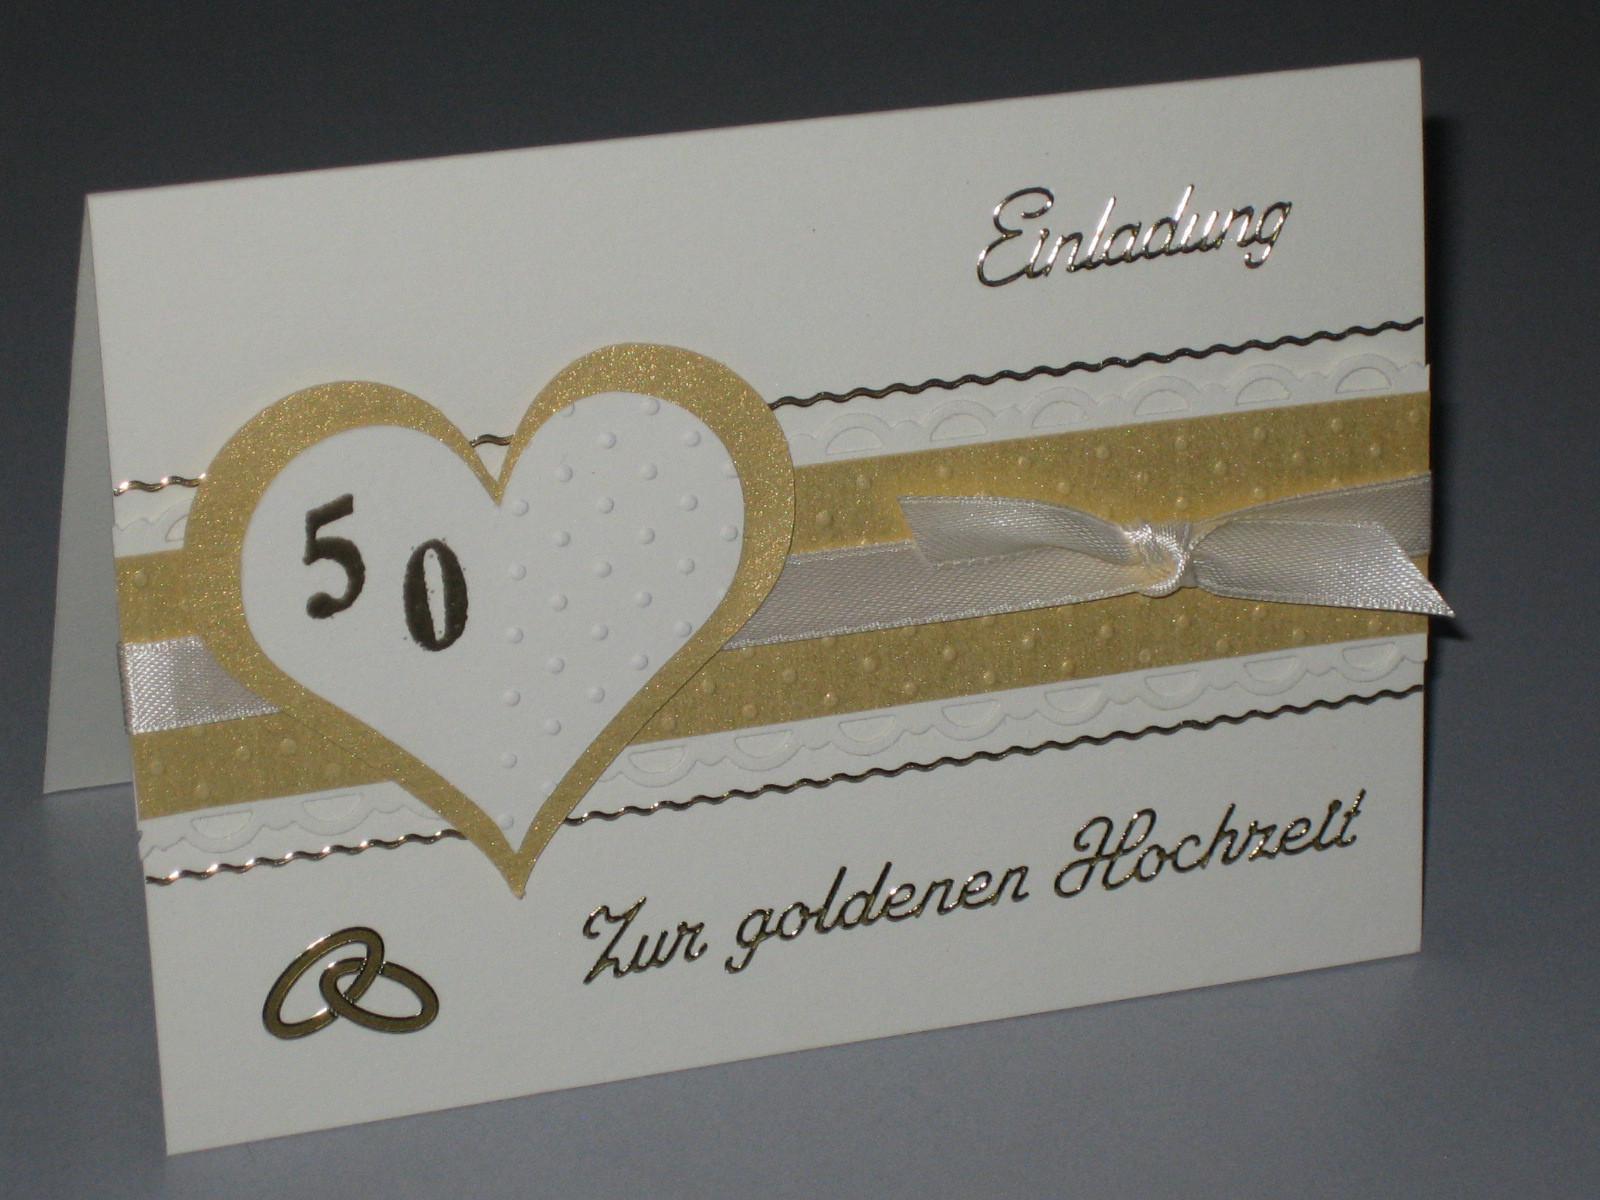 Einladungskarten Goldene Hochzeit Kostenlos Ausdrucken  Einladungskarten Goldene Hochzeit Einladungskarten